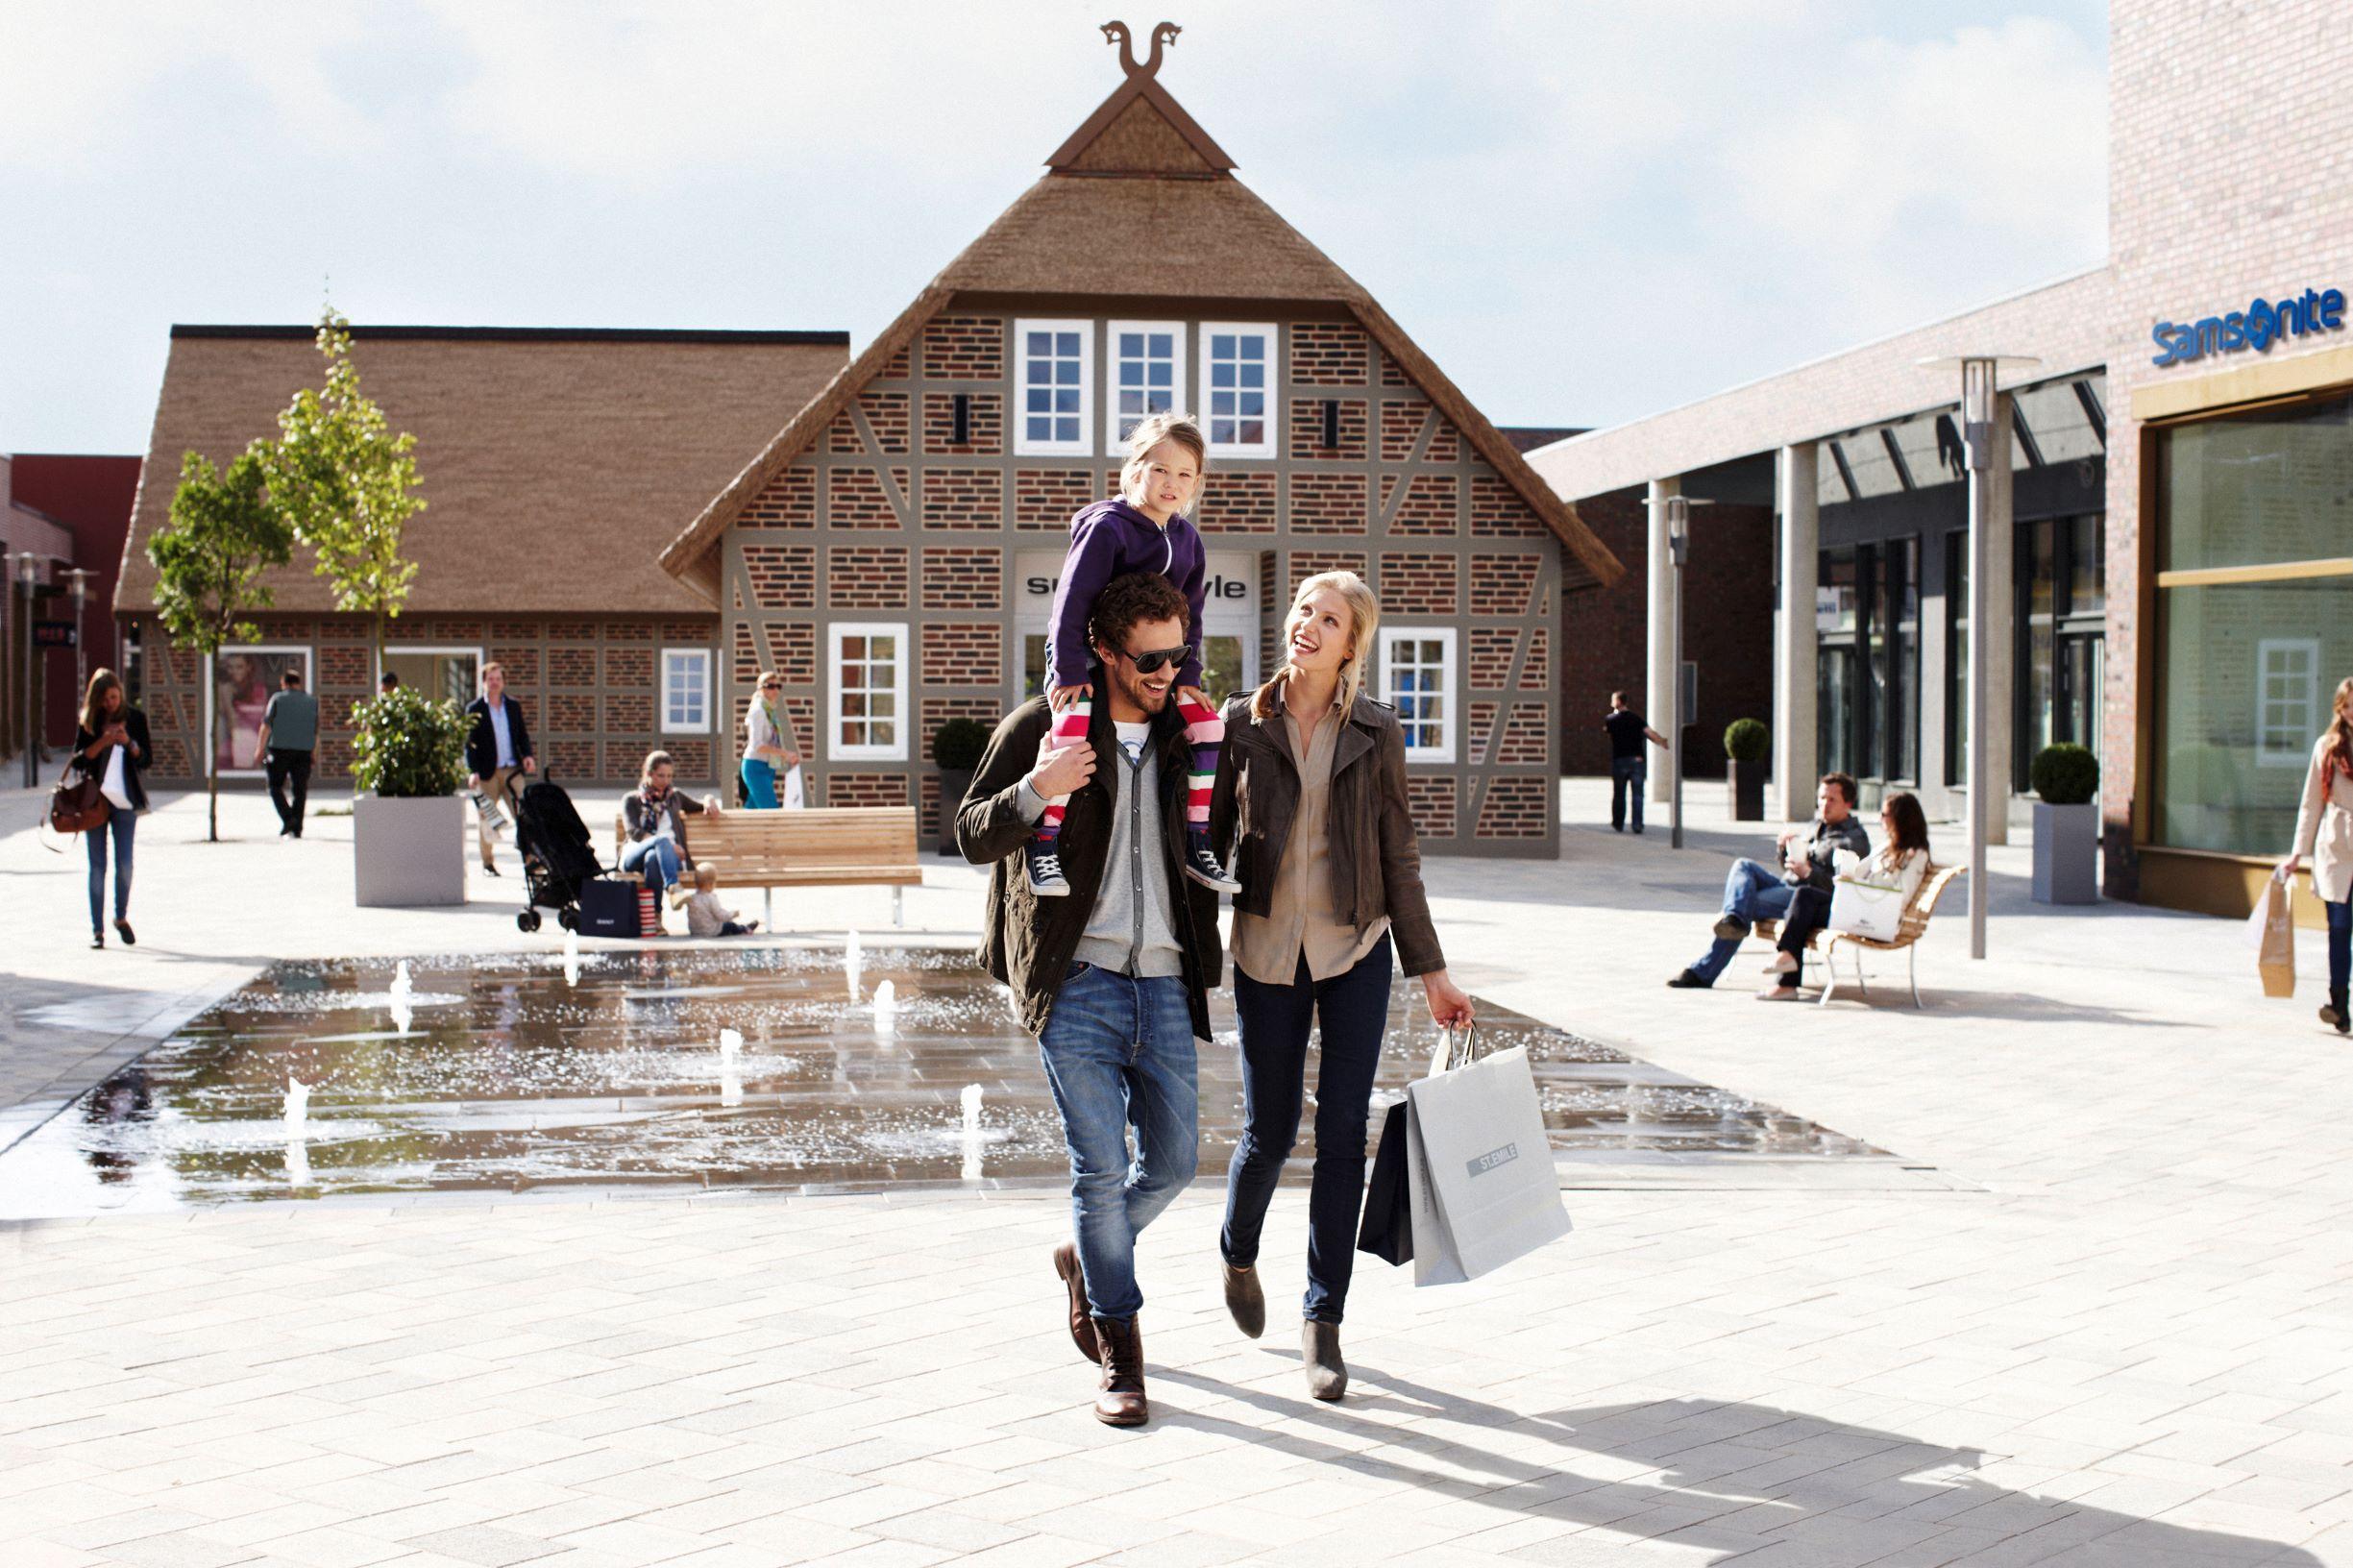 Designer-Outlet Soltau - Angebote & Shoppingerlebnis